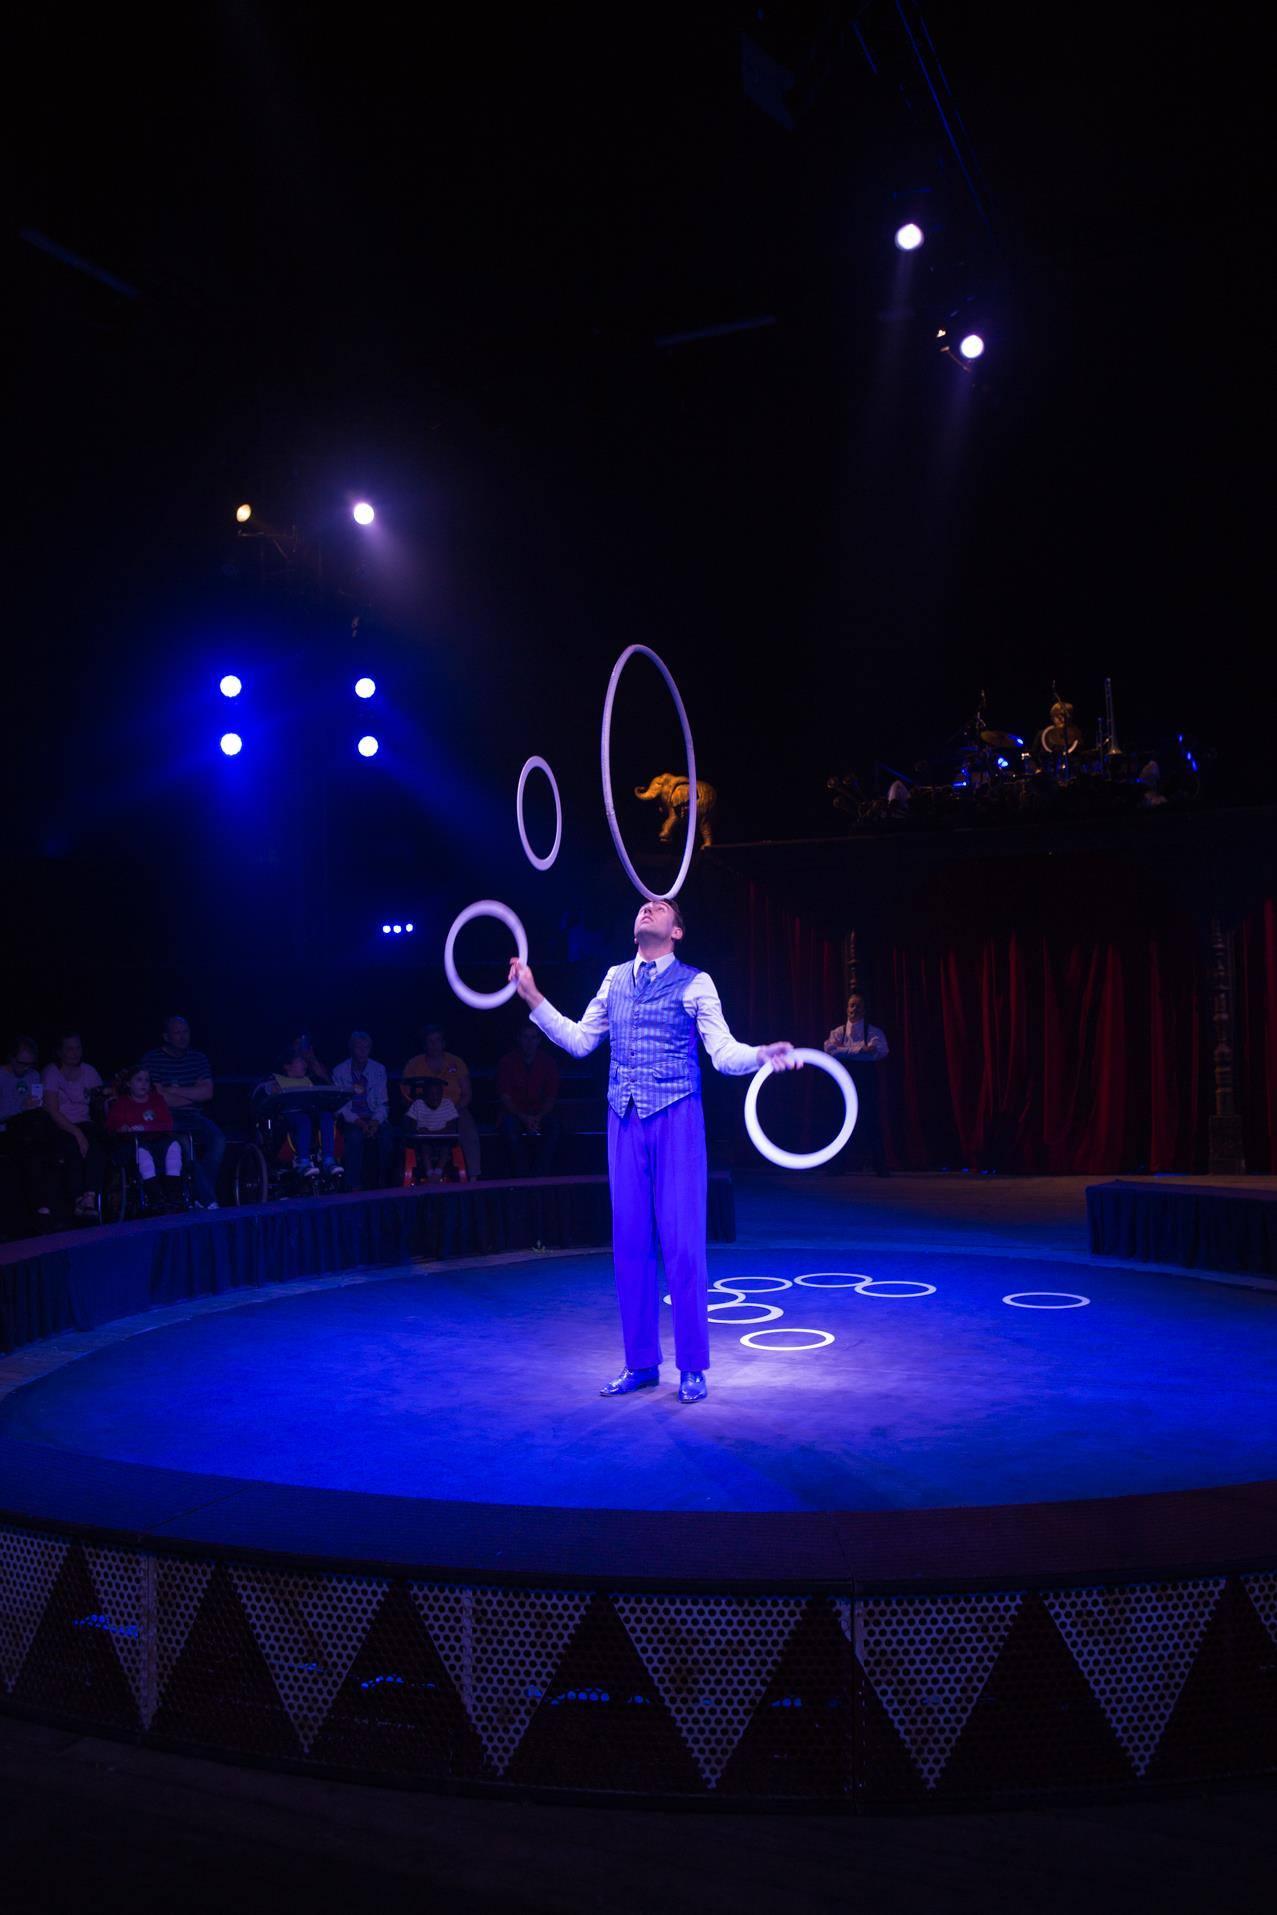 jongleur in circus